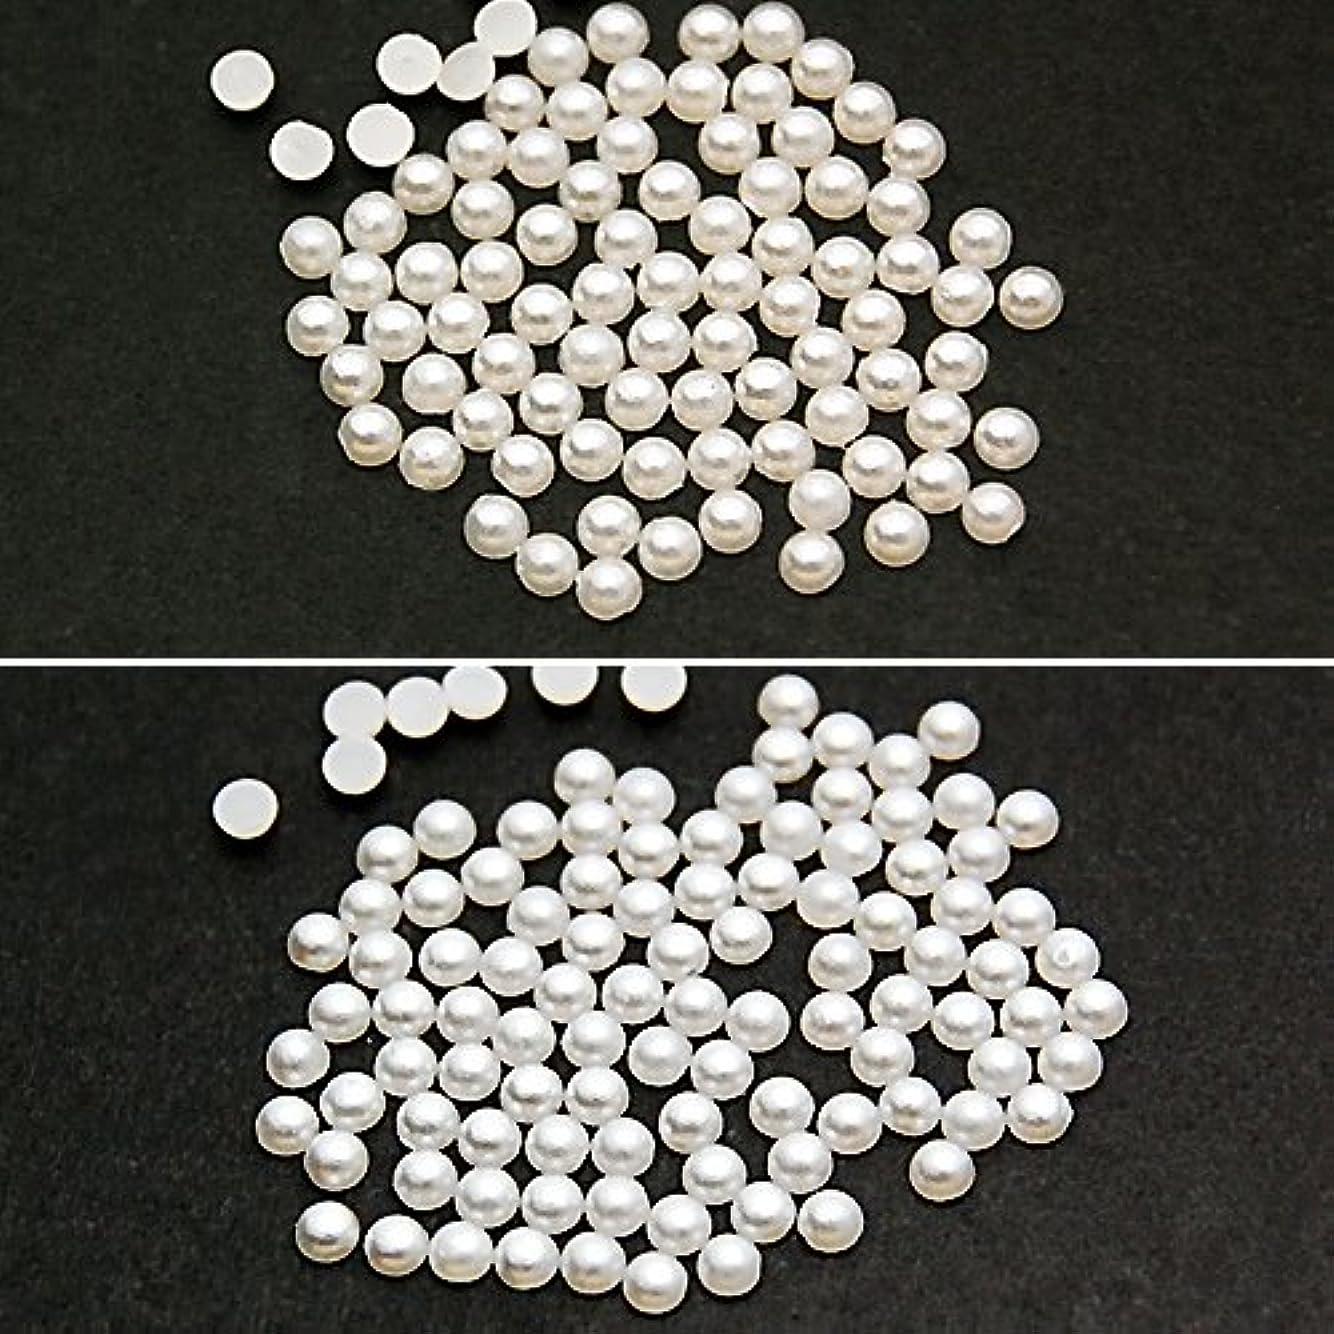 動かす三番リットルパールストーン 丸半2mm 800粒 ホワイト